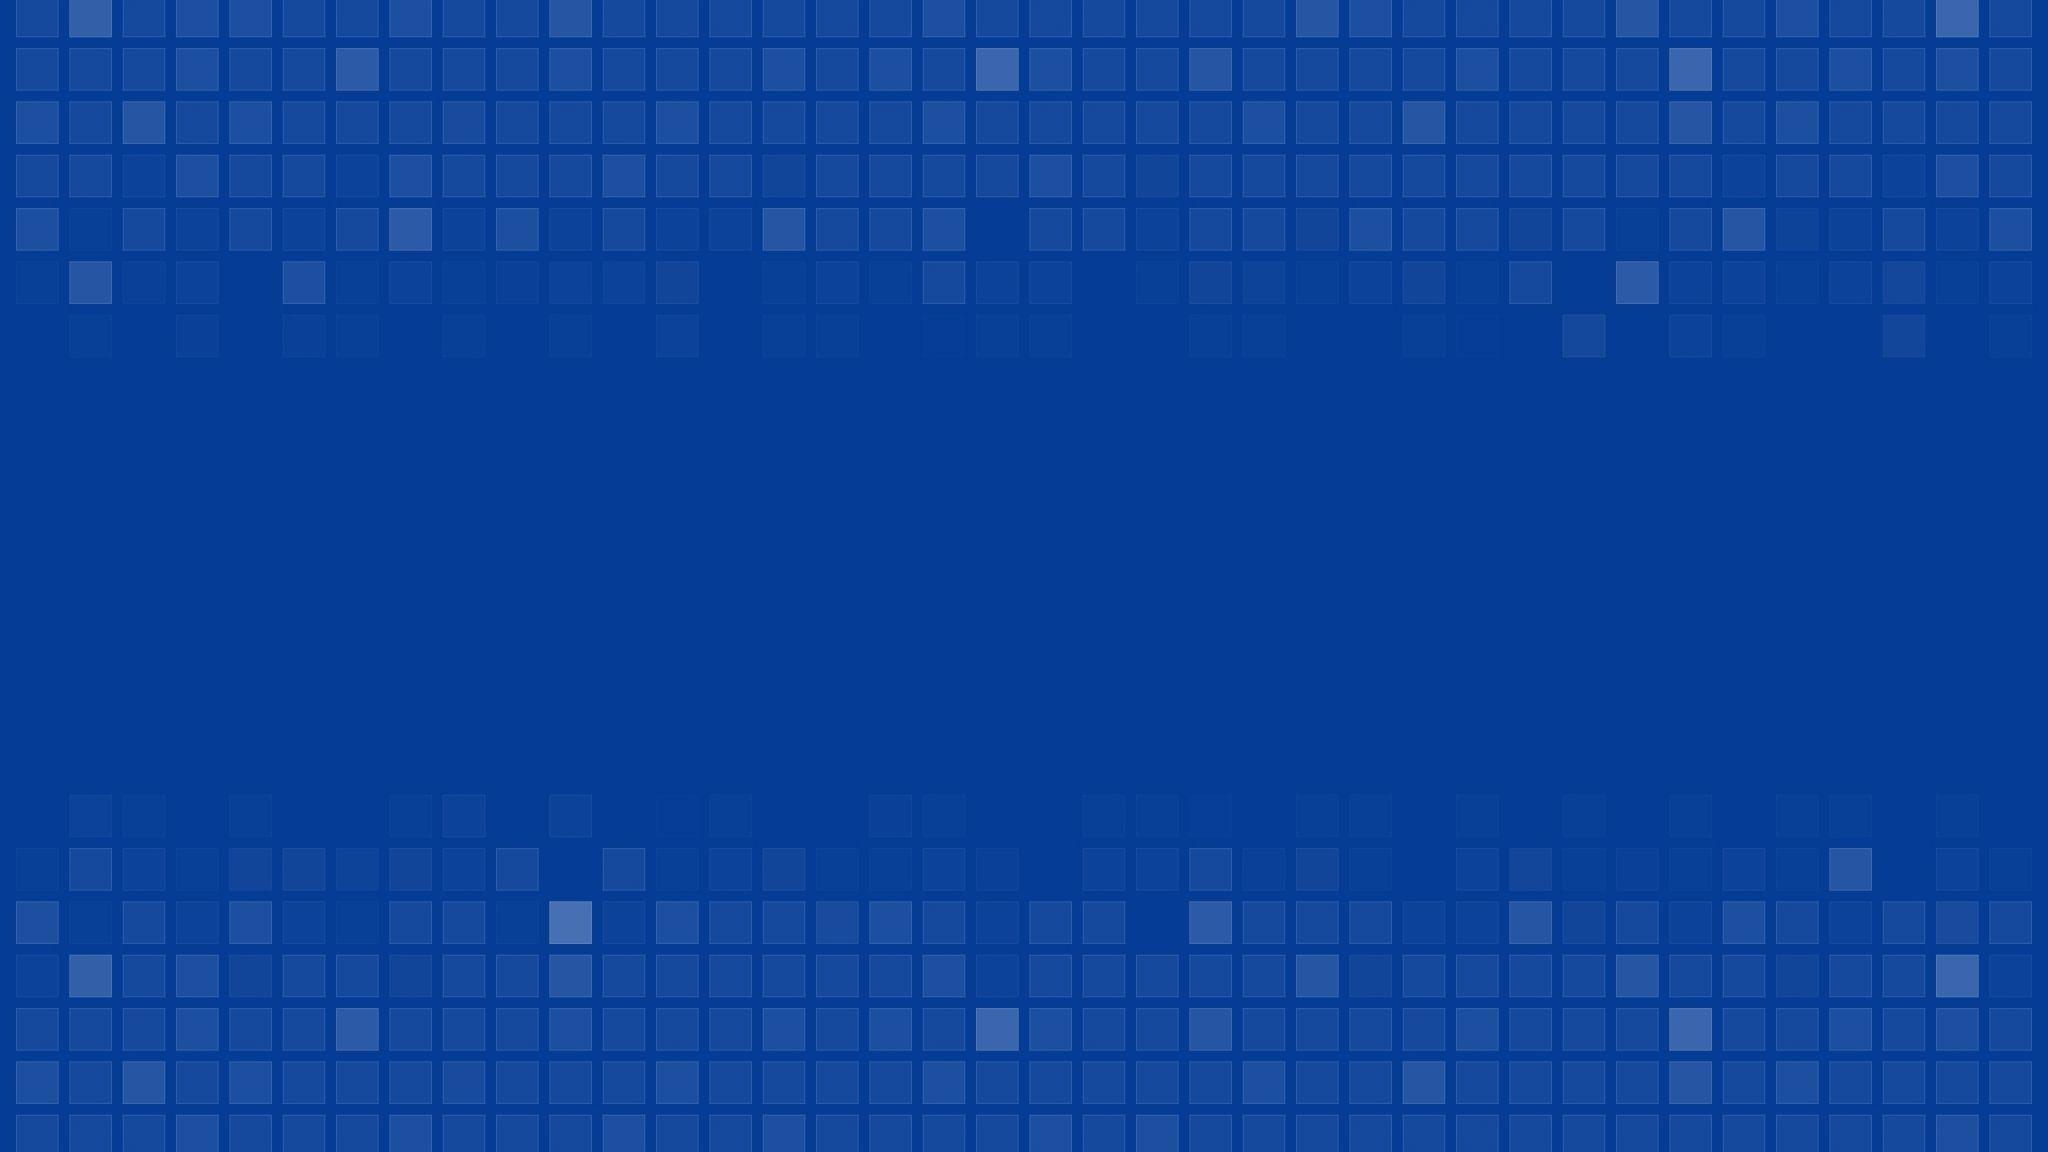 Download Wallpaper Cubes, Point, Blue, Light HD HD .